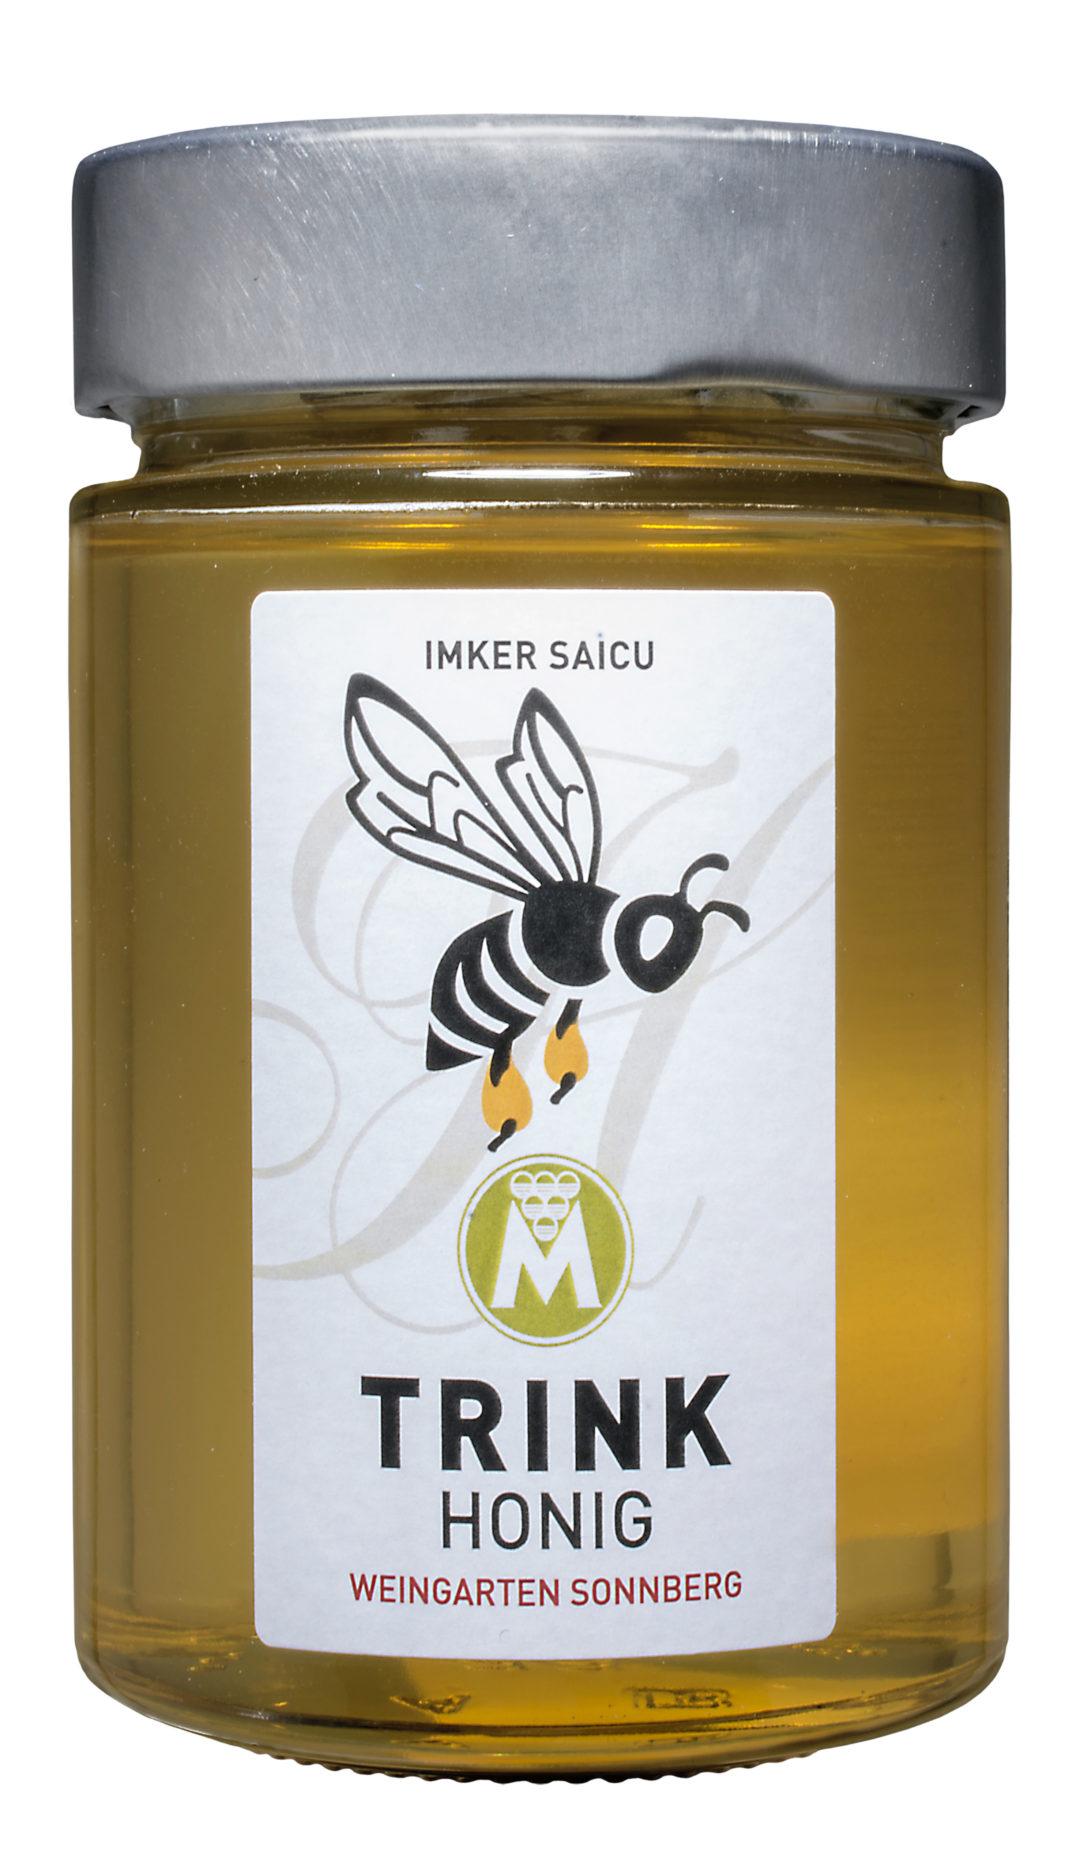 Trink Honig